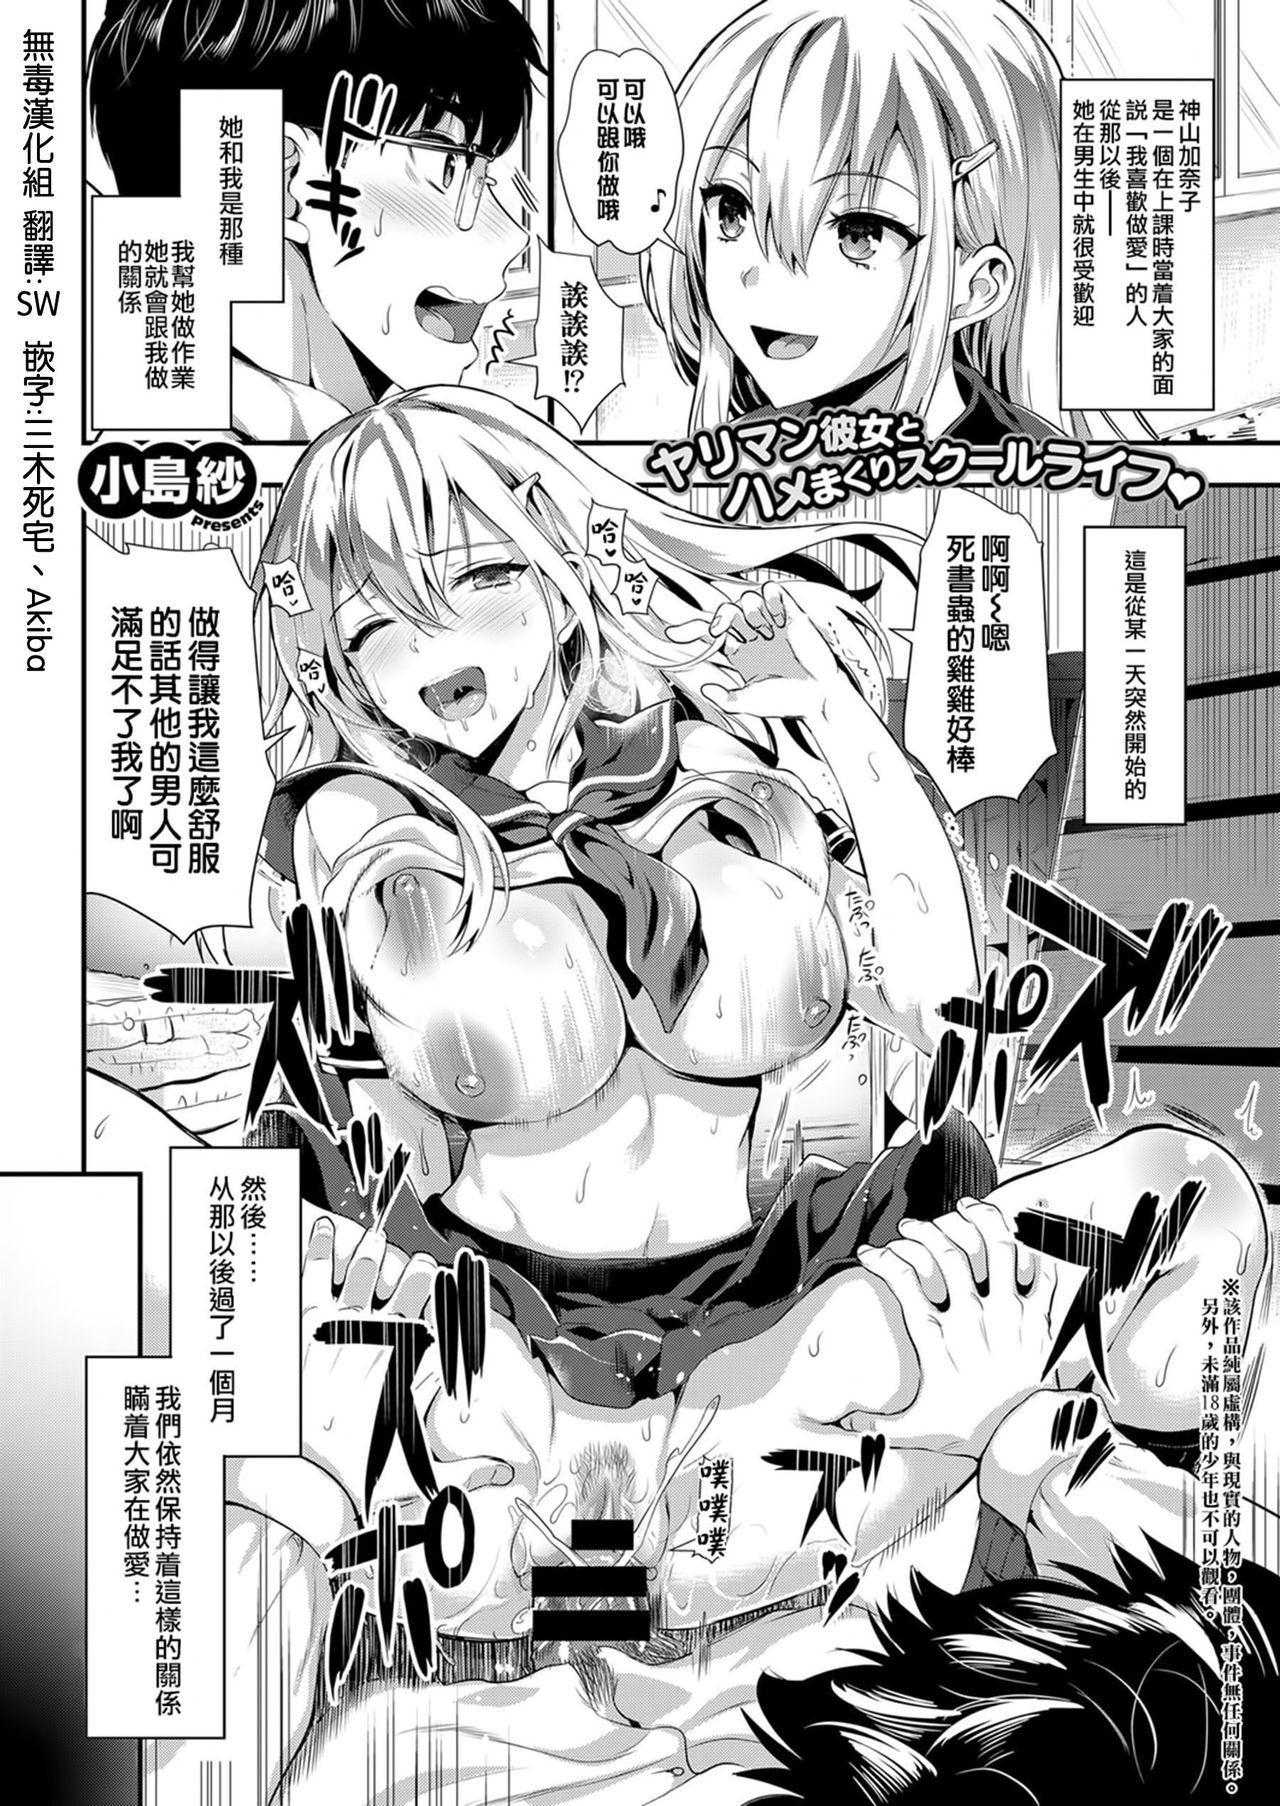 Kamiyama-san to Boku 2 0